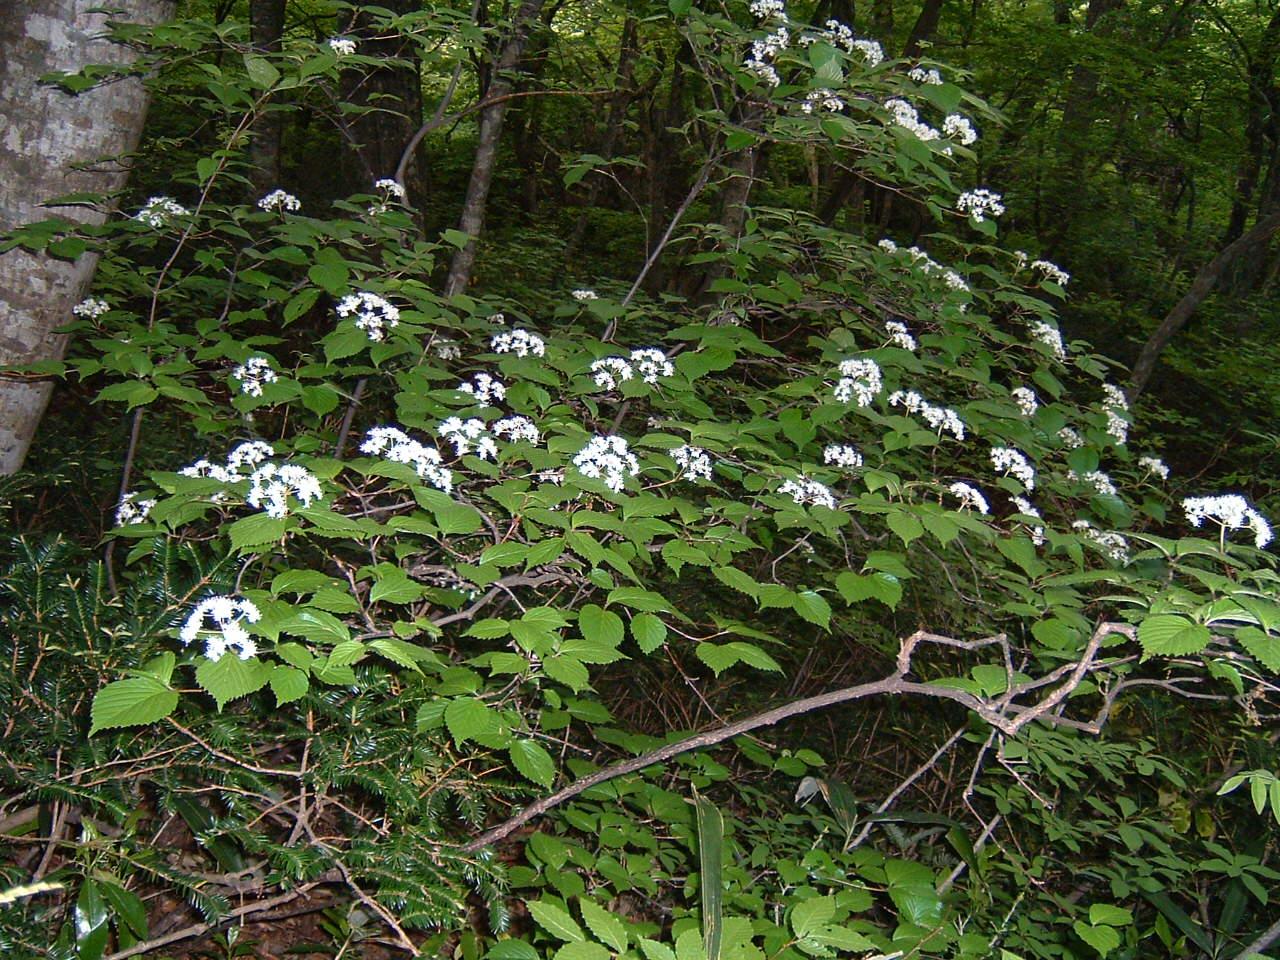 鳥取県大山寺周辺の植物   by (岡田)_c0239329_1451465.jpg